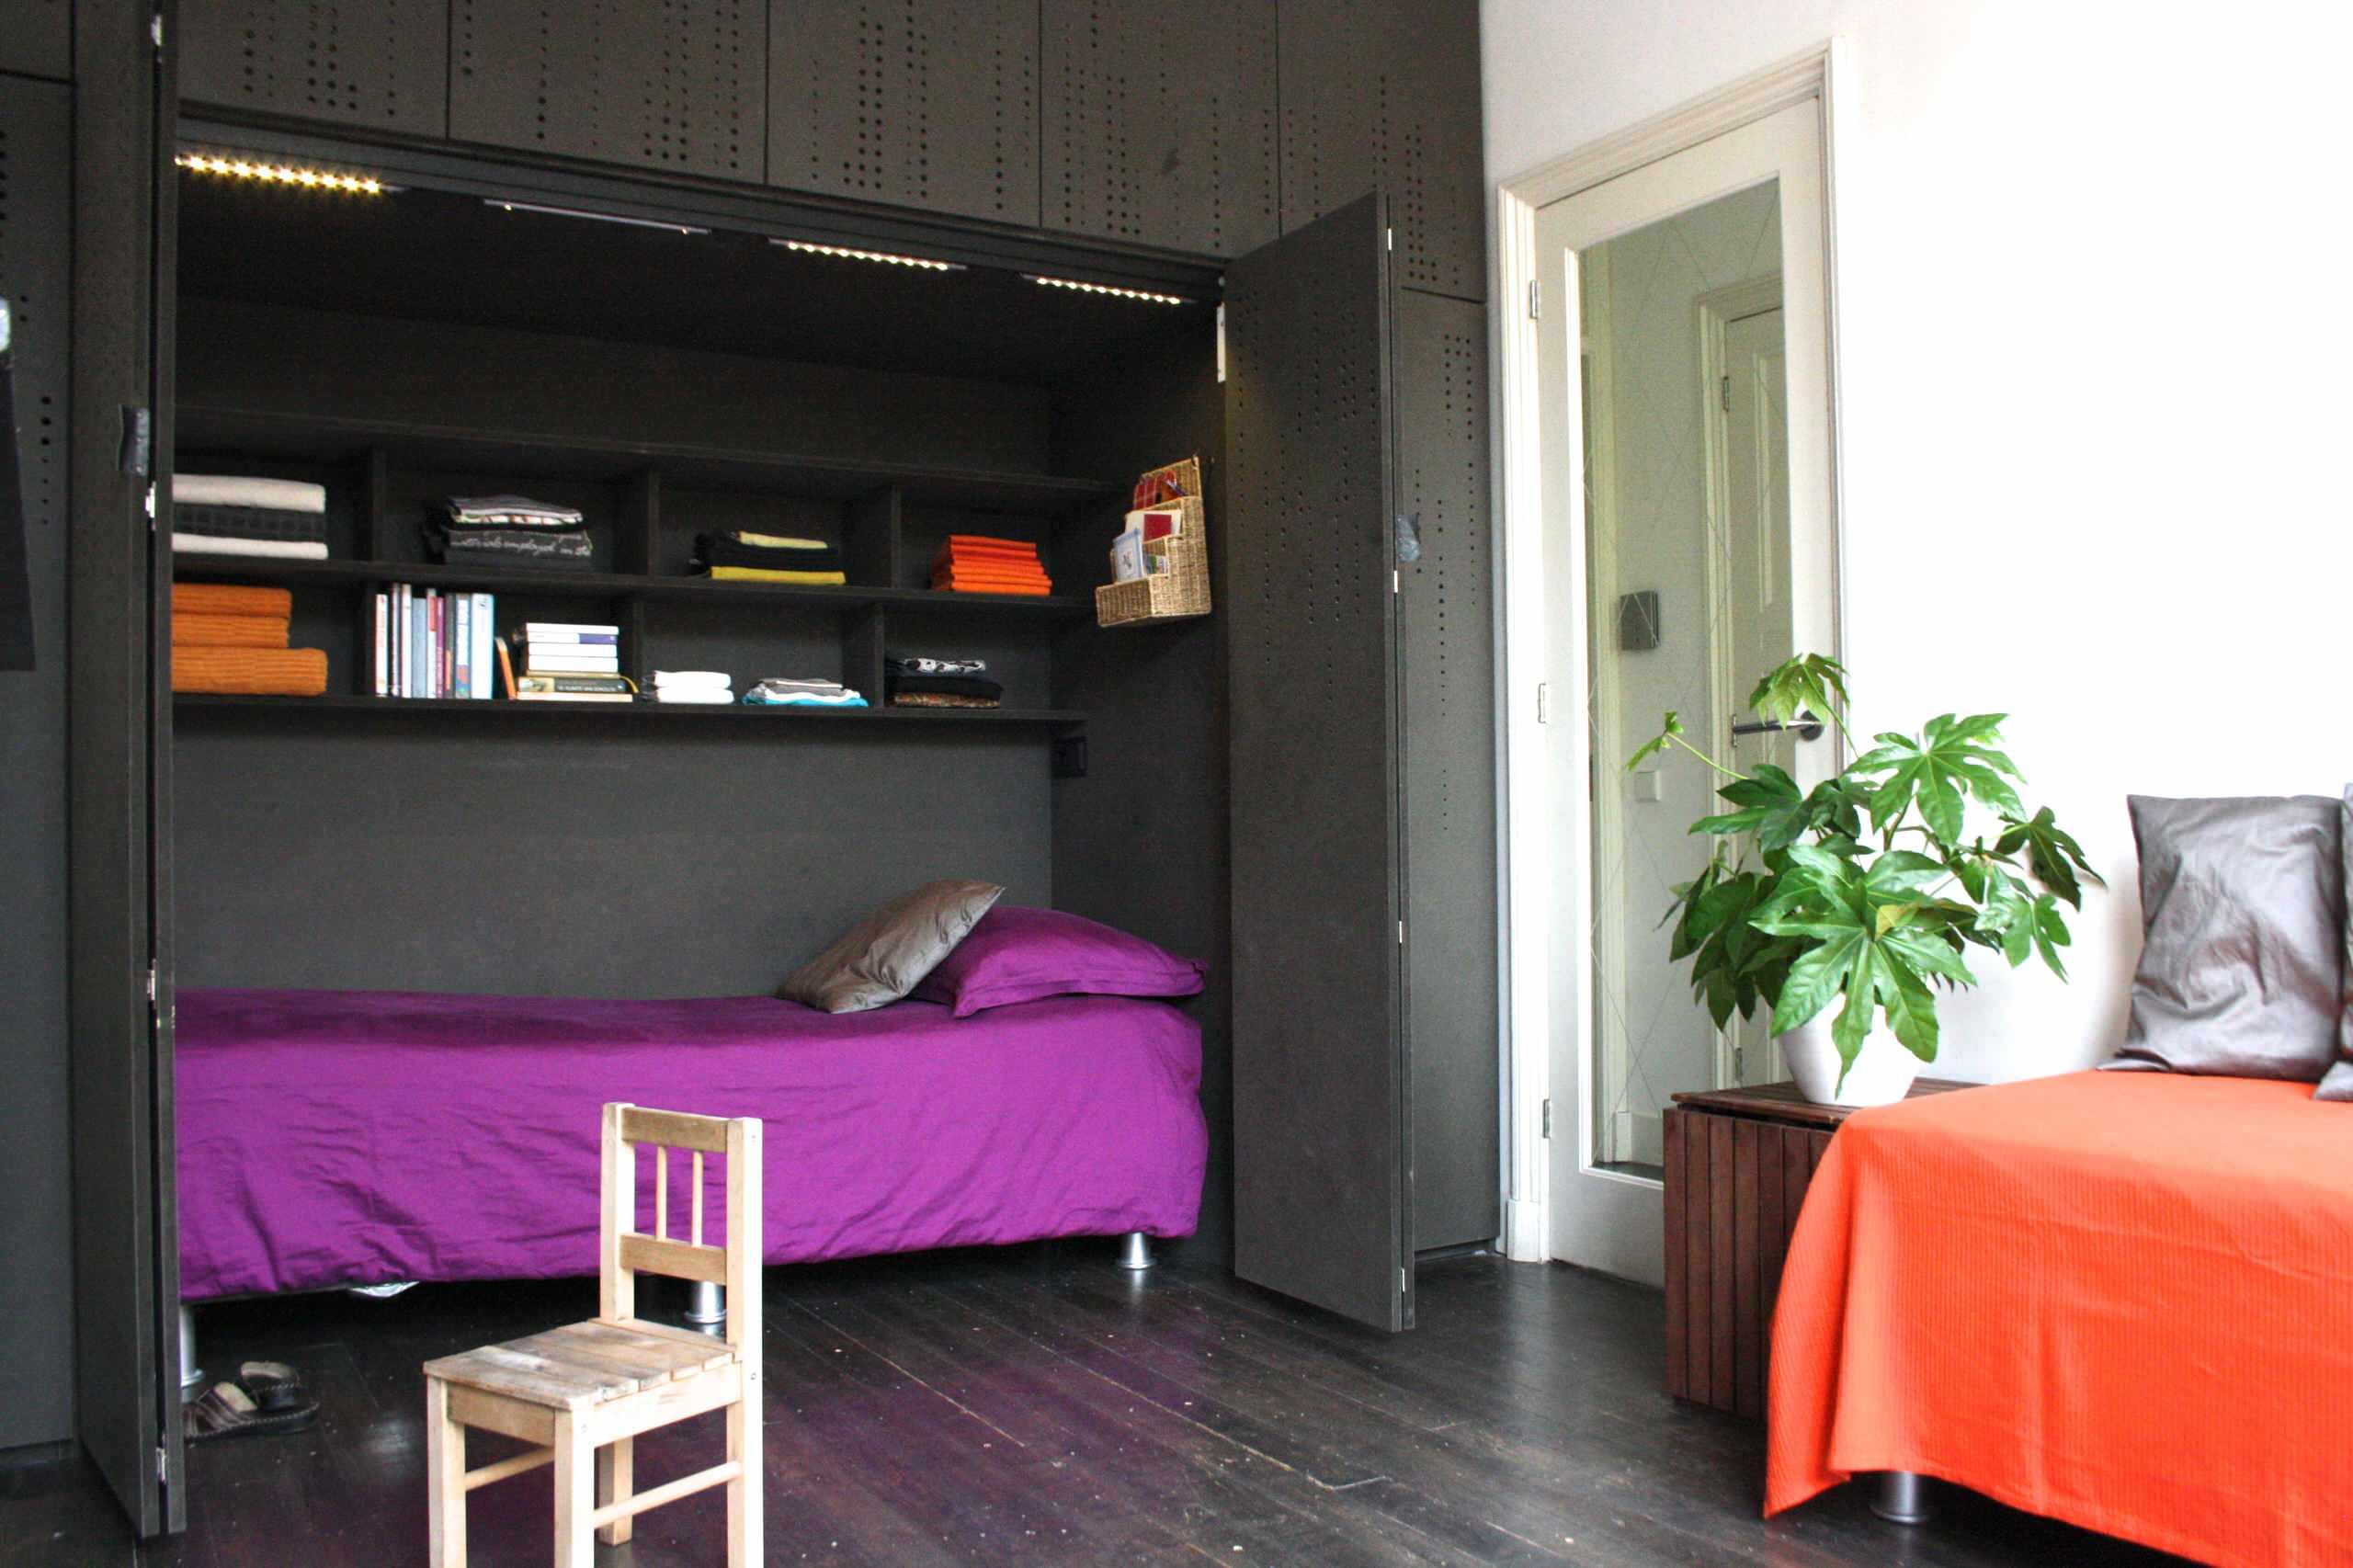 20 incre bles ideas para ahorrar espacio en una habitaci n